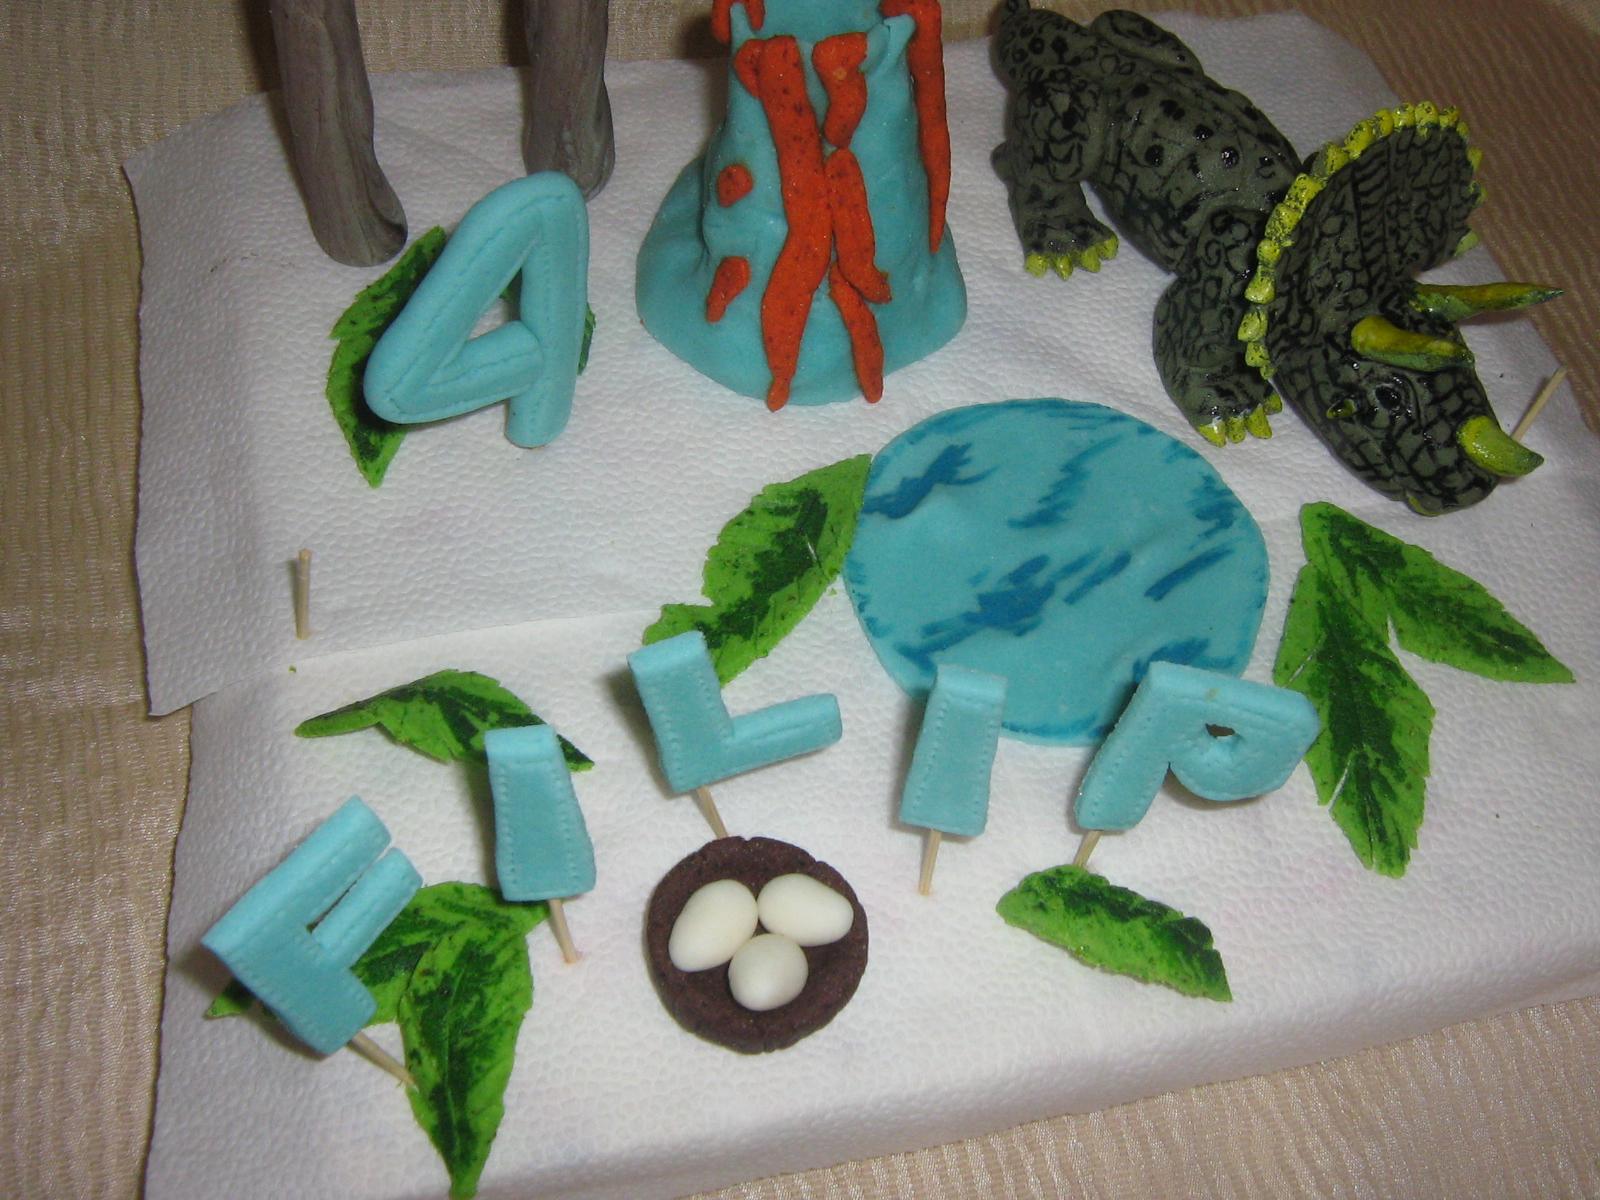 Torte i figurice za torte sneza dinosaurus triceratrops sa reljefne figure figurice za mladenacke torte figurice likova iz crtanih filmova igrica pepa prase i dzordz sa porodicom pepeljuga mala sirena thecheapjerseys Choice Image